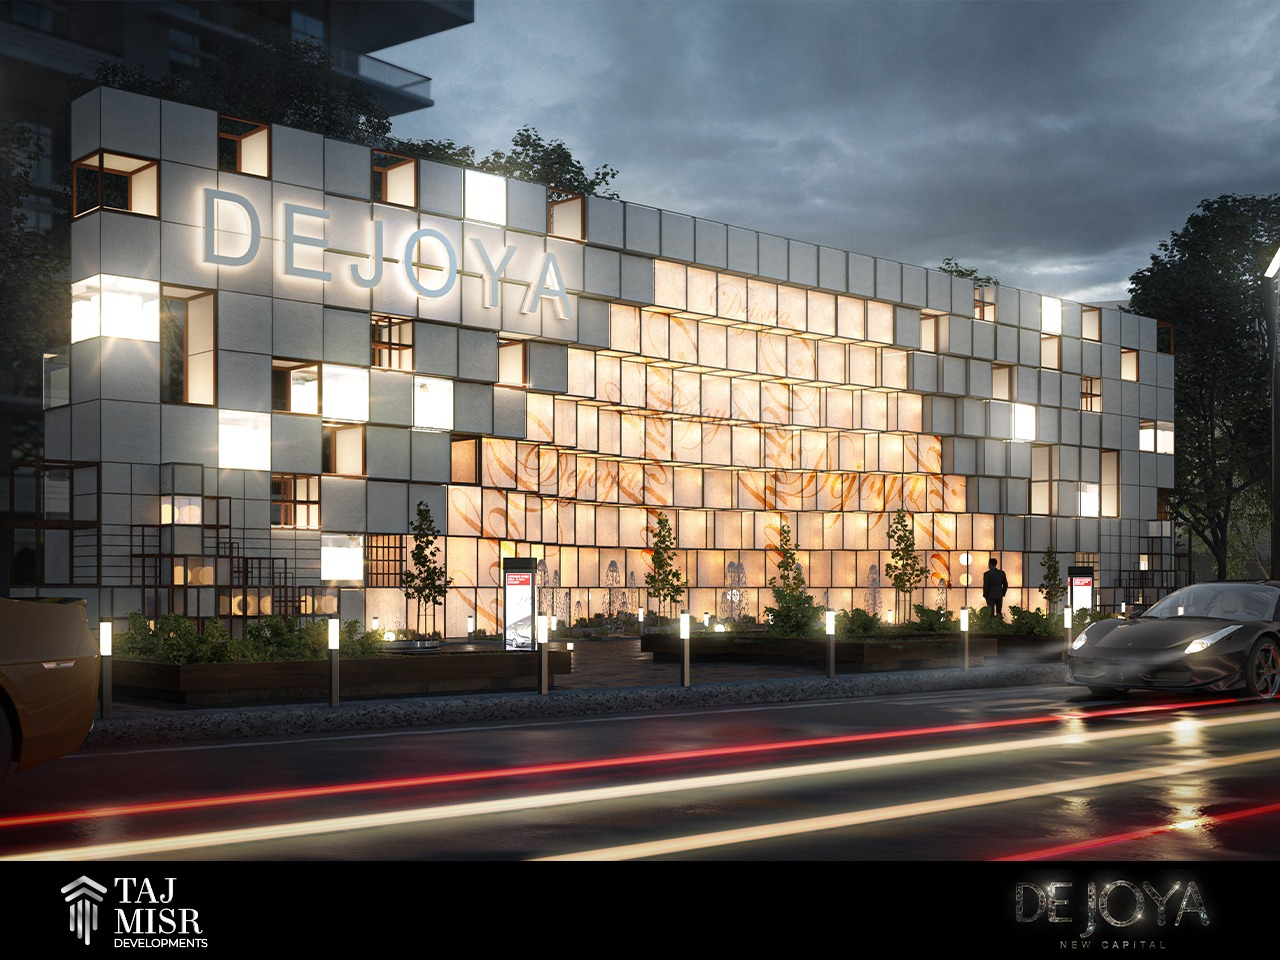 روعة التصميم في كمبوند دي جويا New Capital